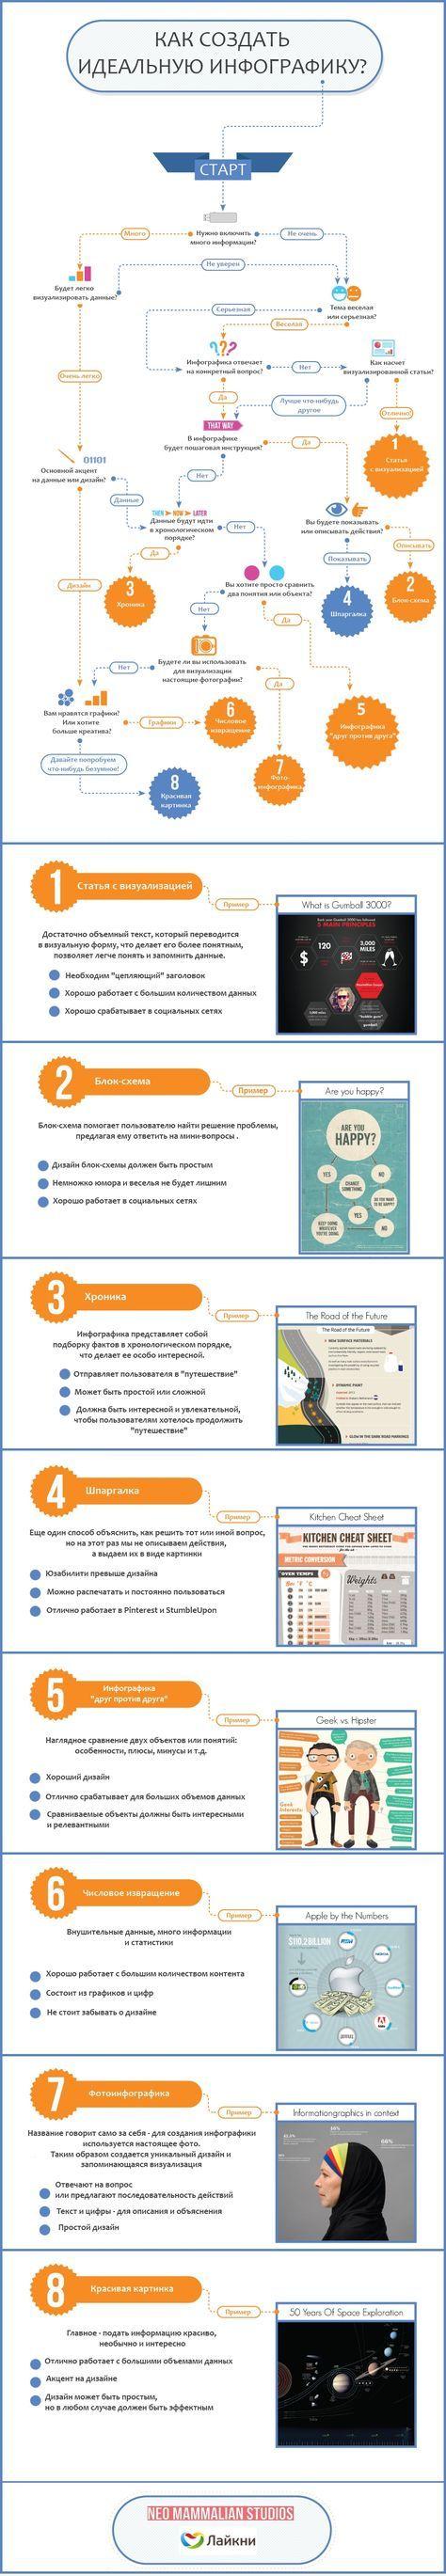 Как создать идеальную инфографику?